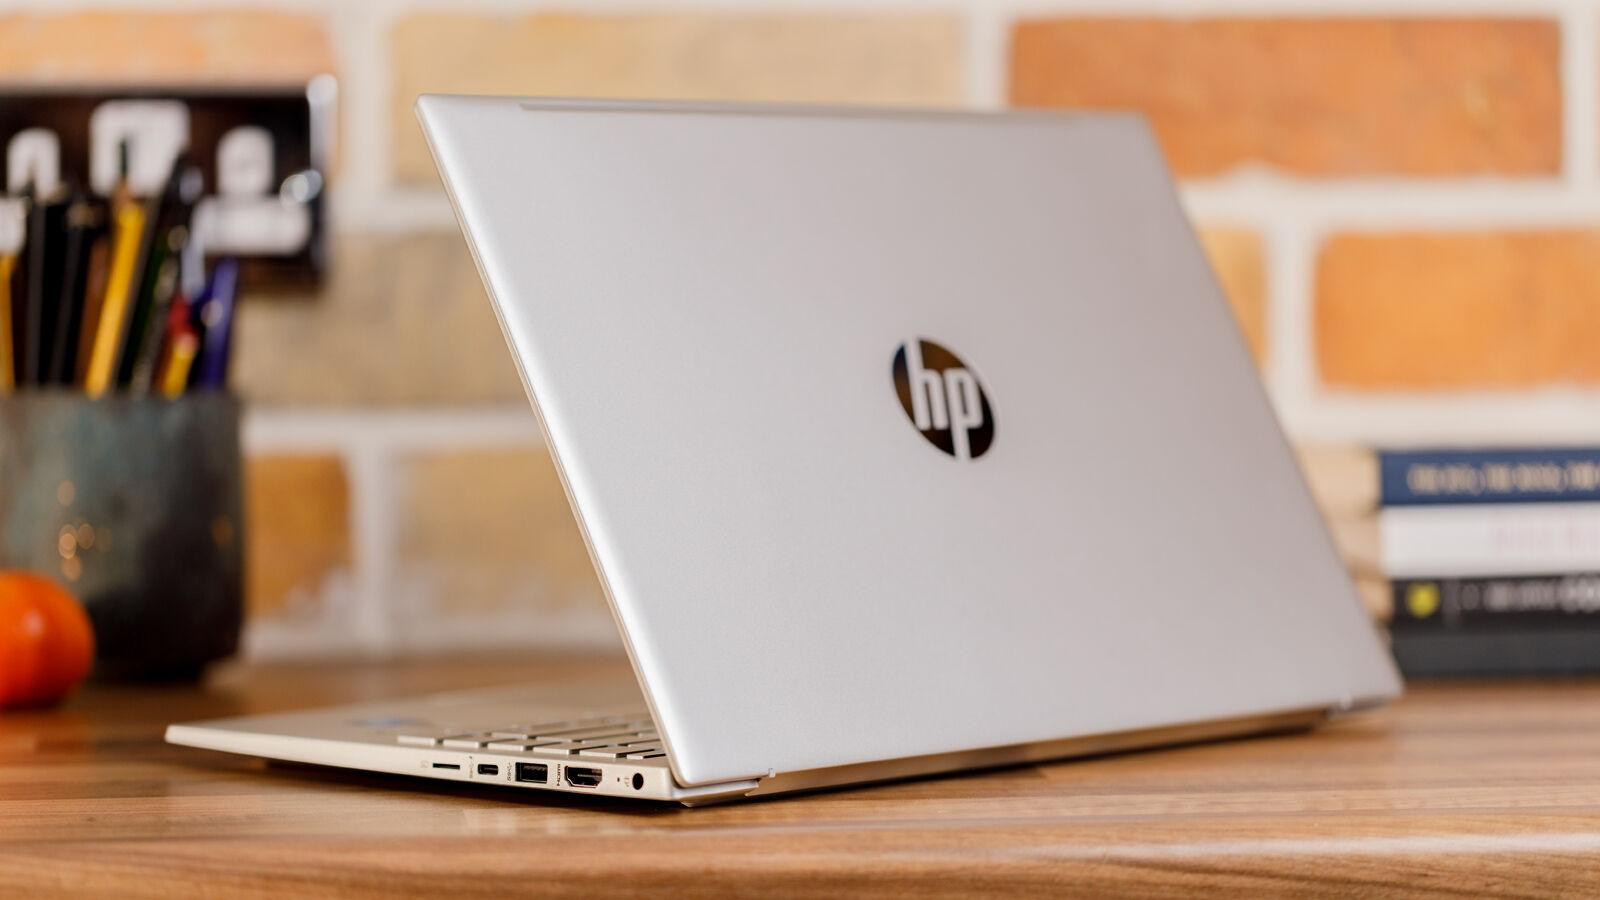 hp_pavilion_14_laptop02_thumb.jpg